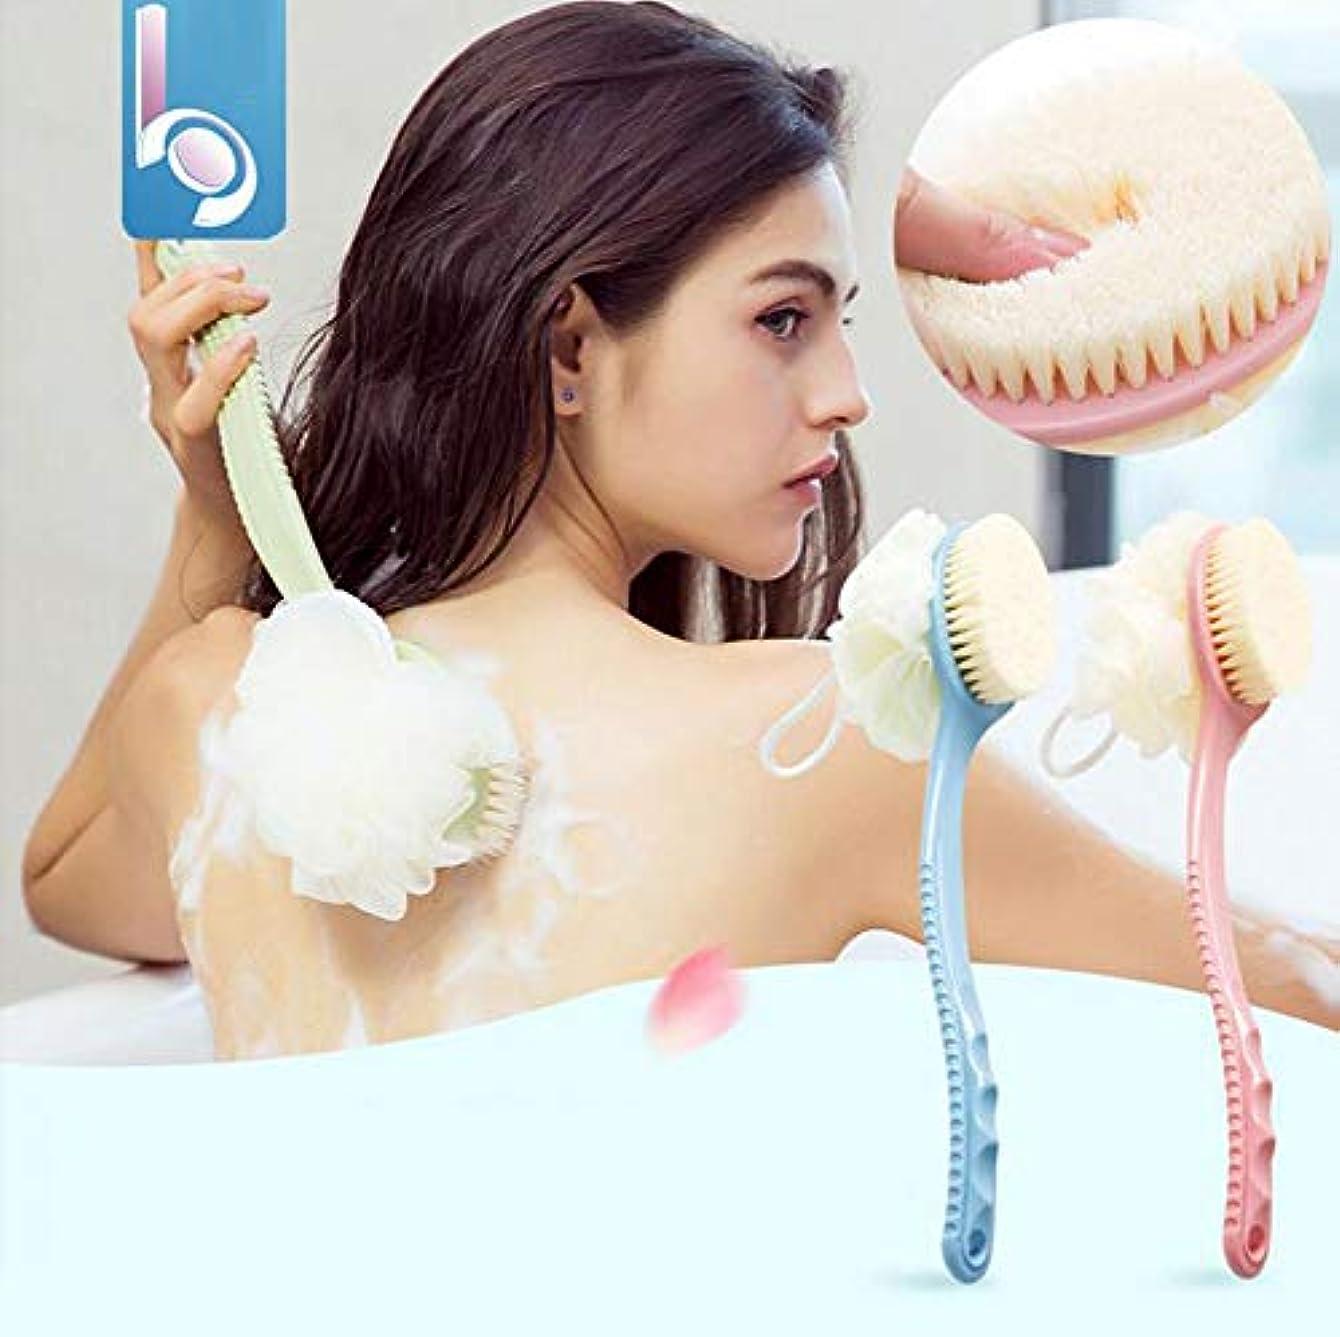 カエル対処経験ロングハンドルバスブラシ、ソフトファーバスタオル入浴バックセルライトスクラブのための入浴アーティファクト,Pink